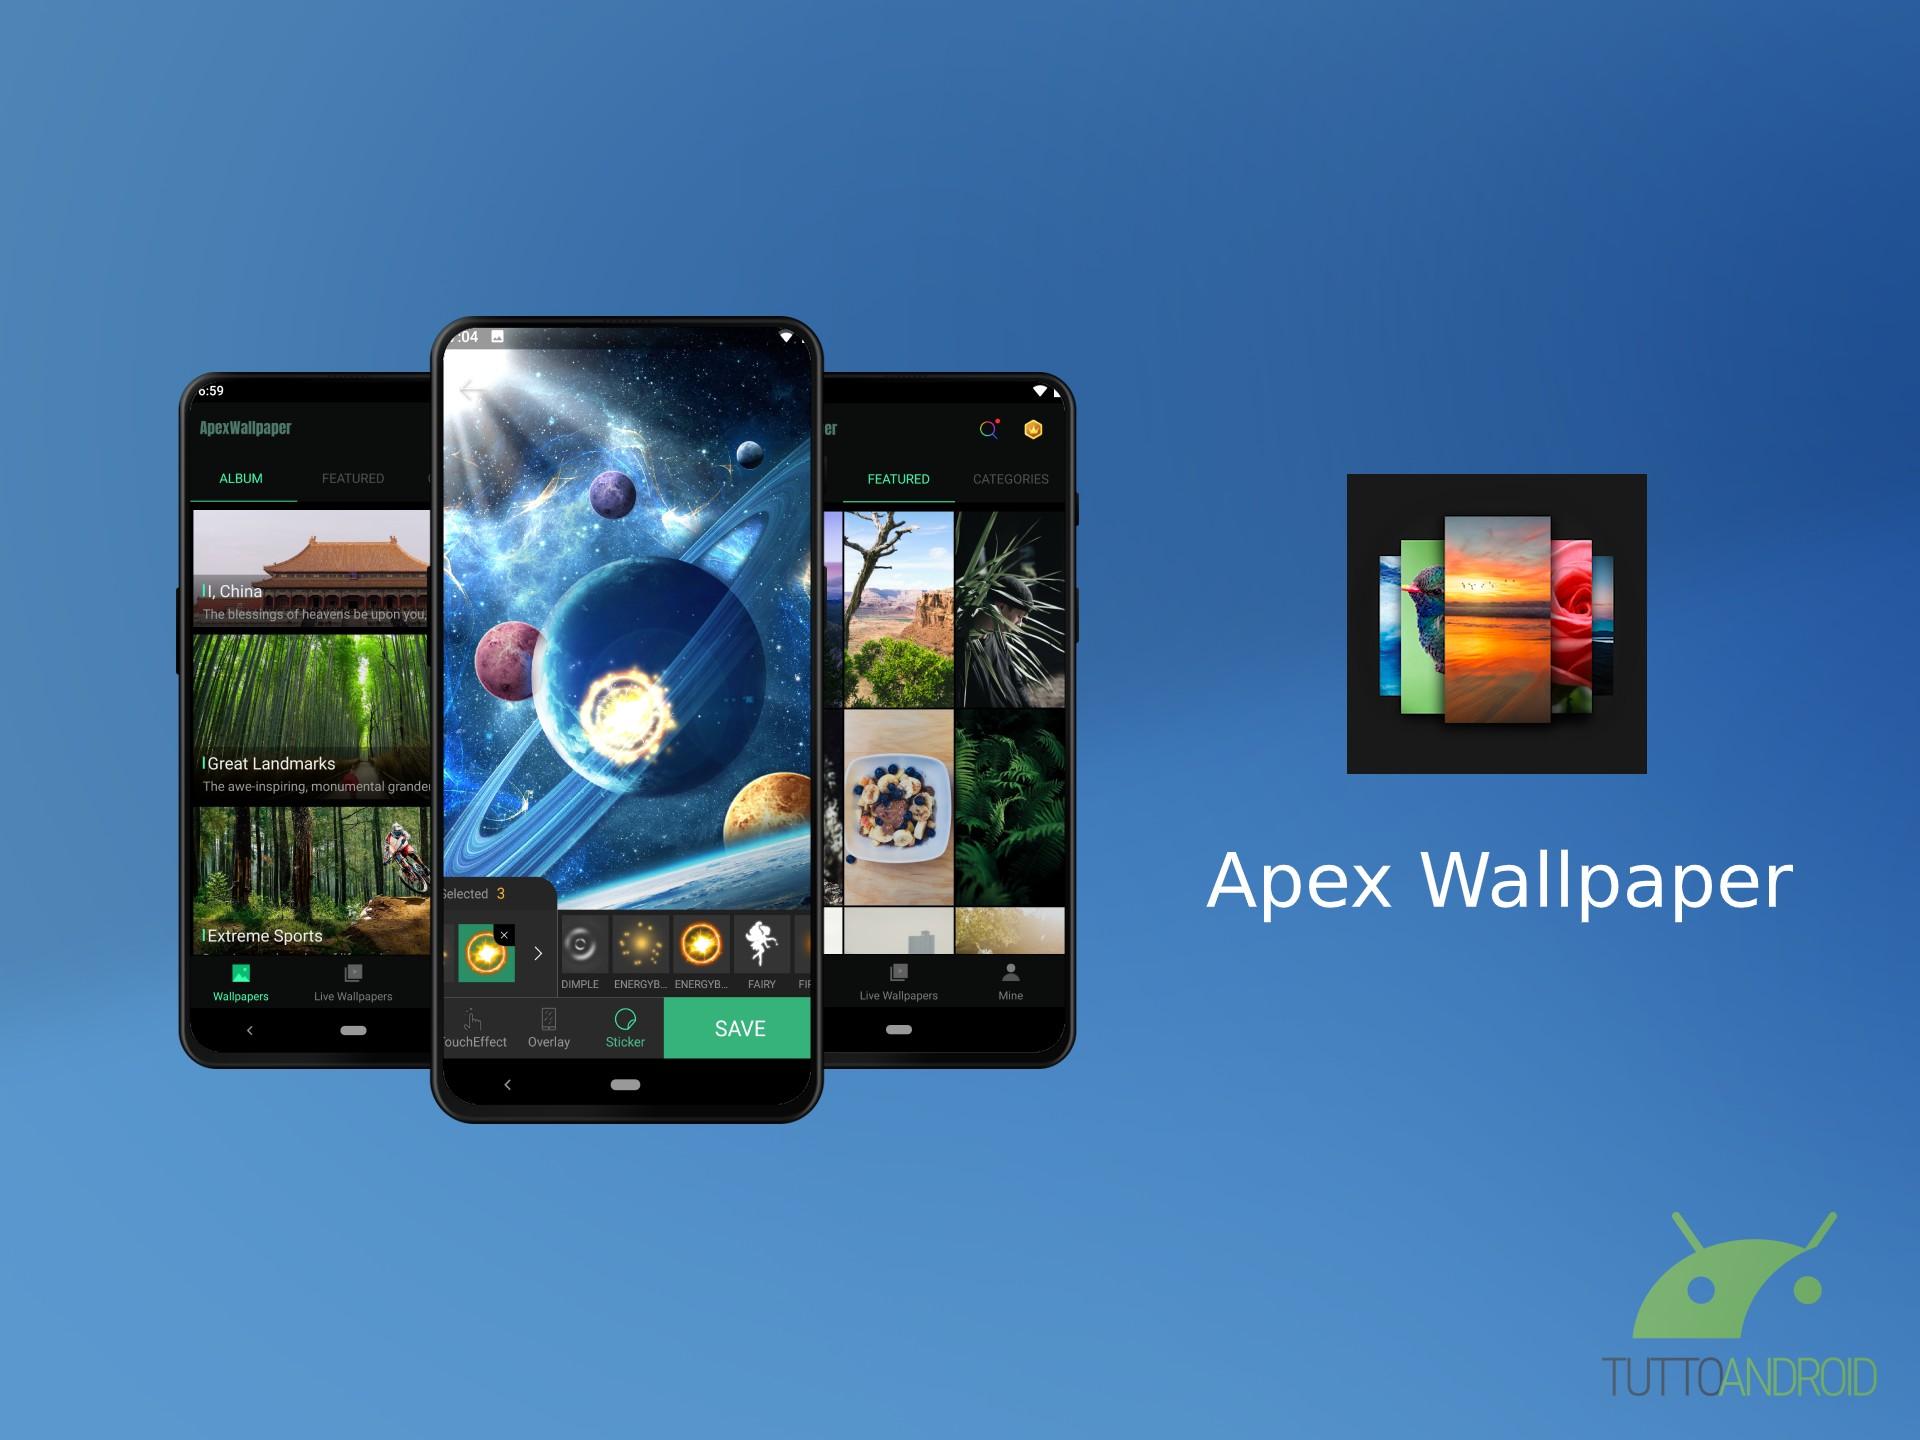 Apex Wallpaper offre oltre 1000 sfondi gratis con la possibi